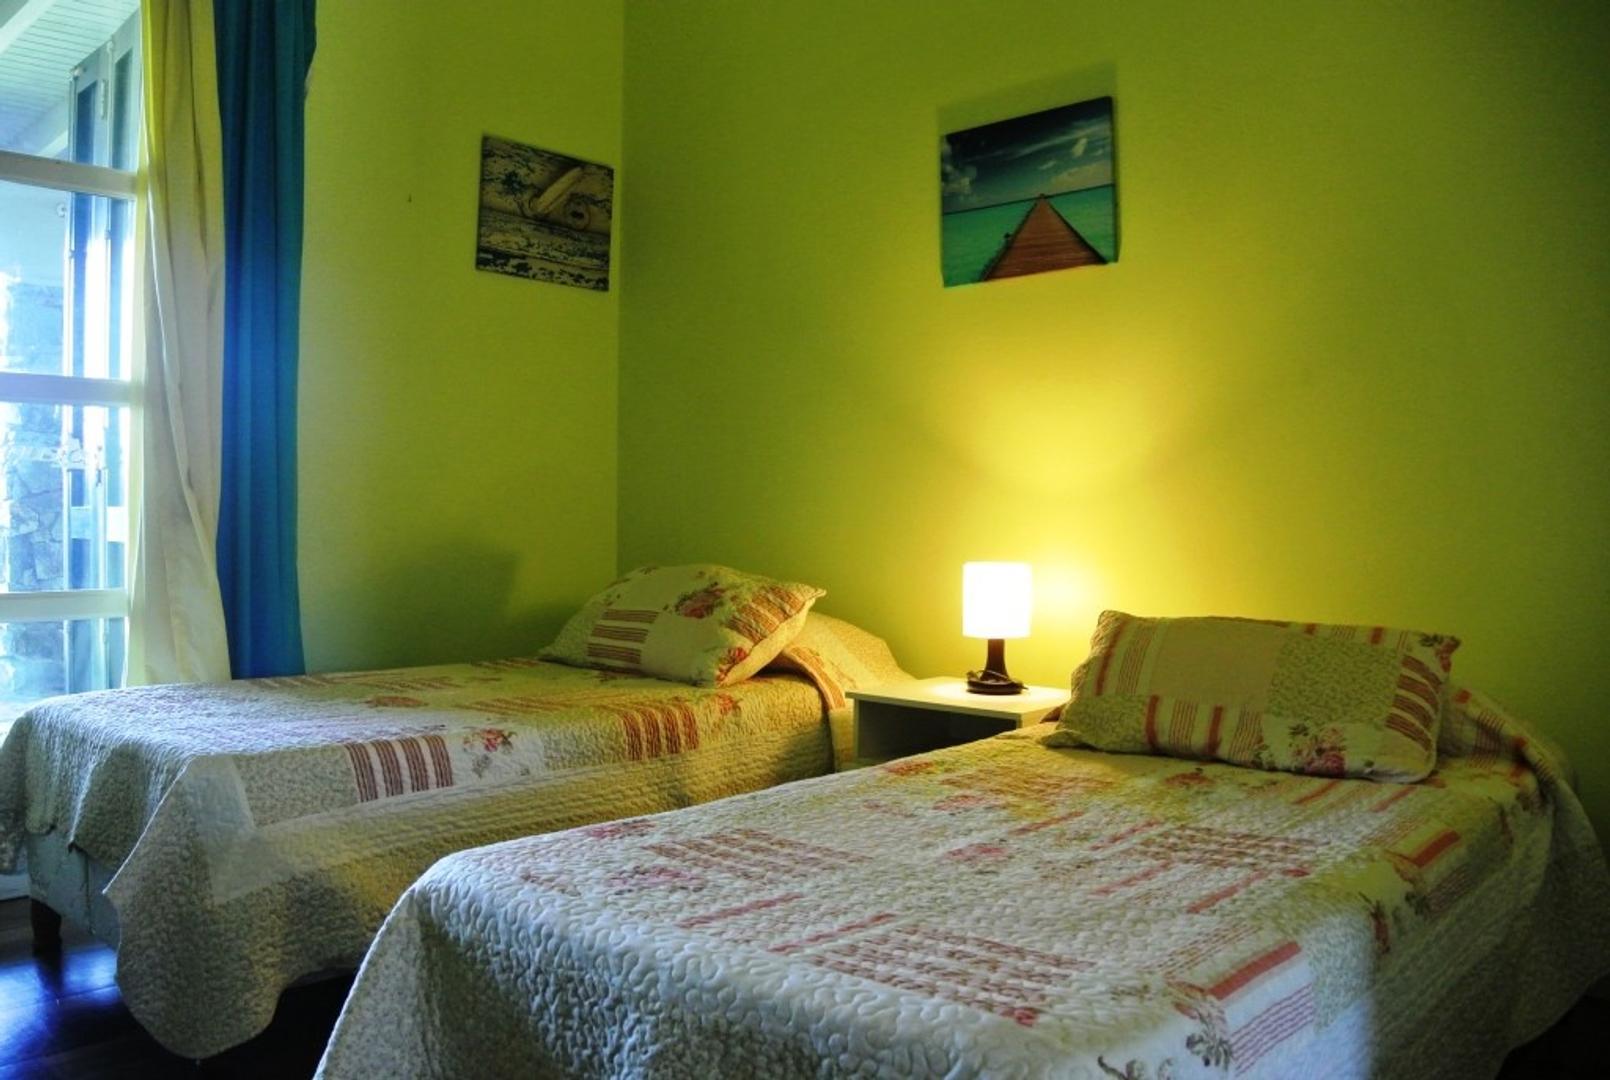 (ATM-AT2-3178) Casa - Alquiler temporario - Uruguay, Punta del Este - Foto 15